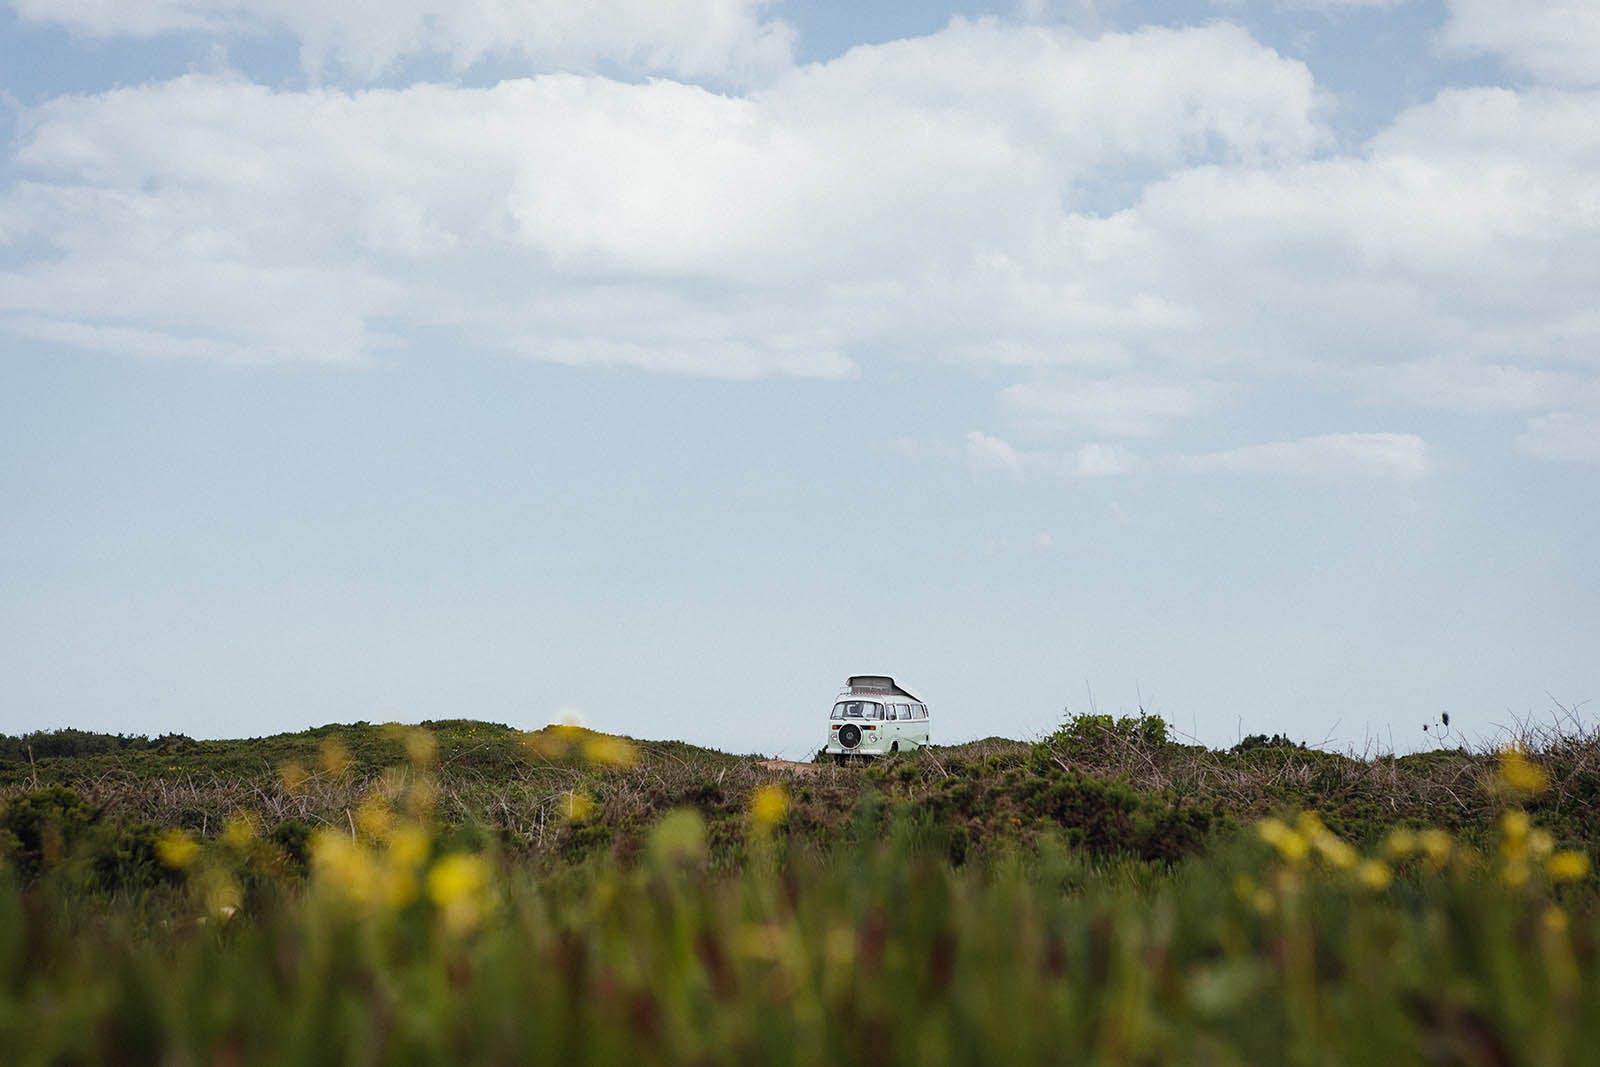 Portugal acampada libre y entorno natural.